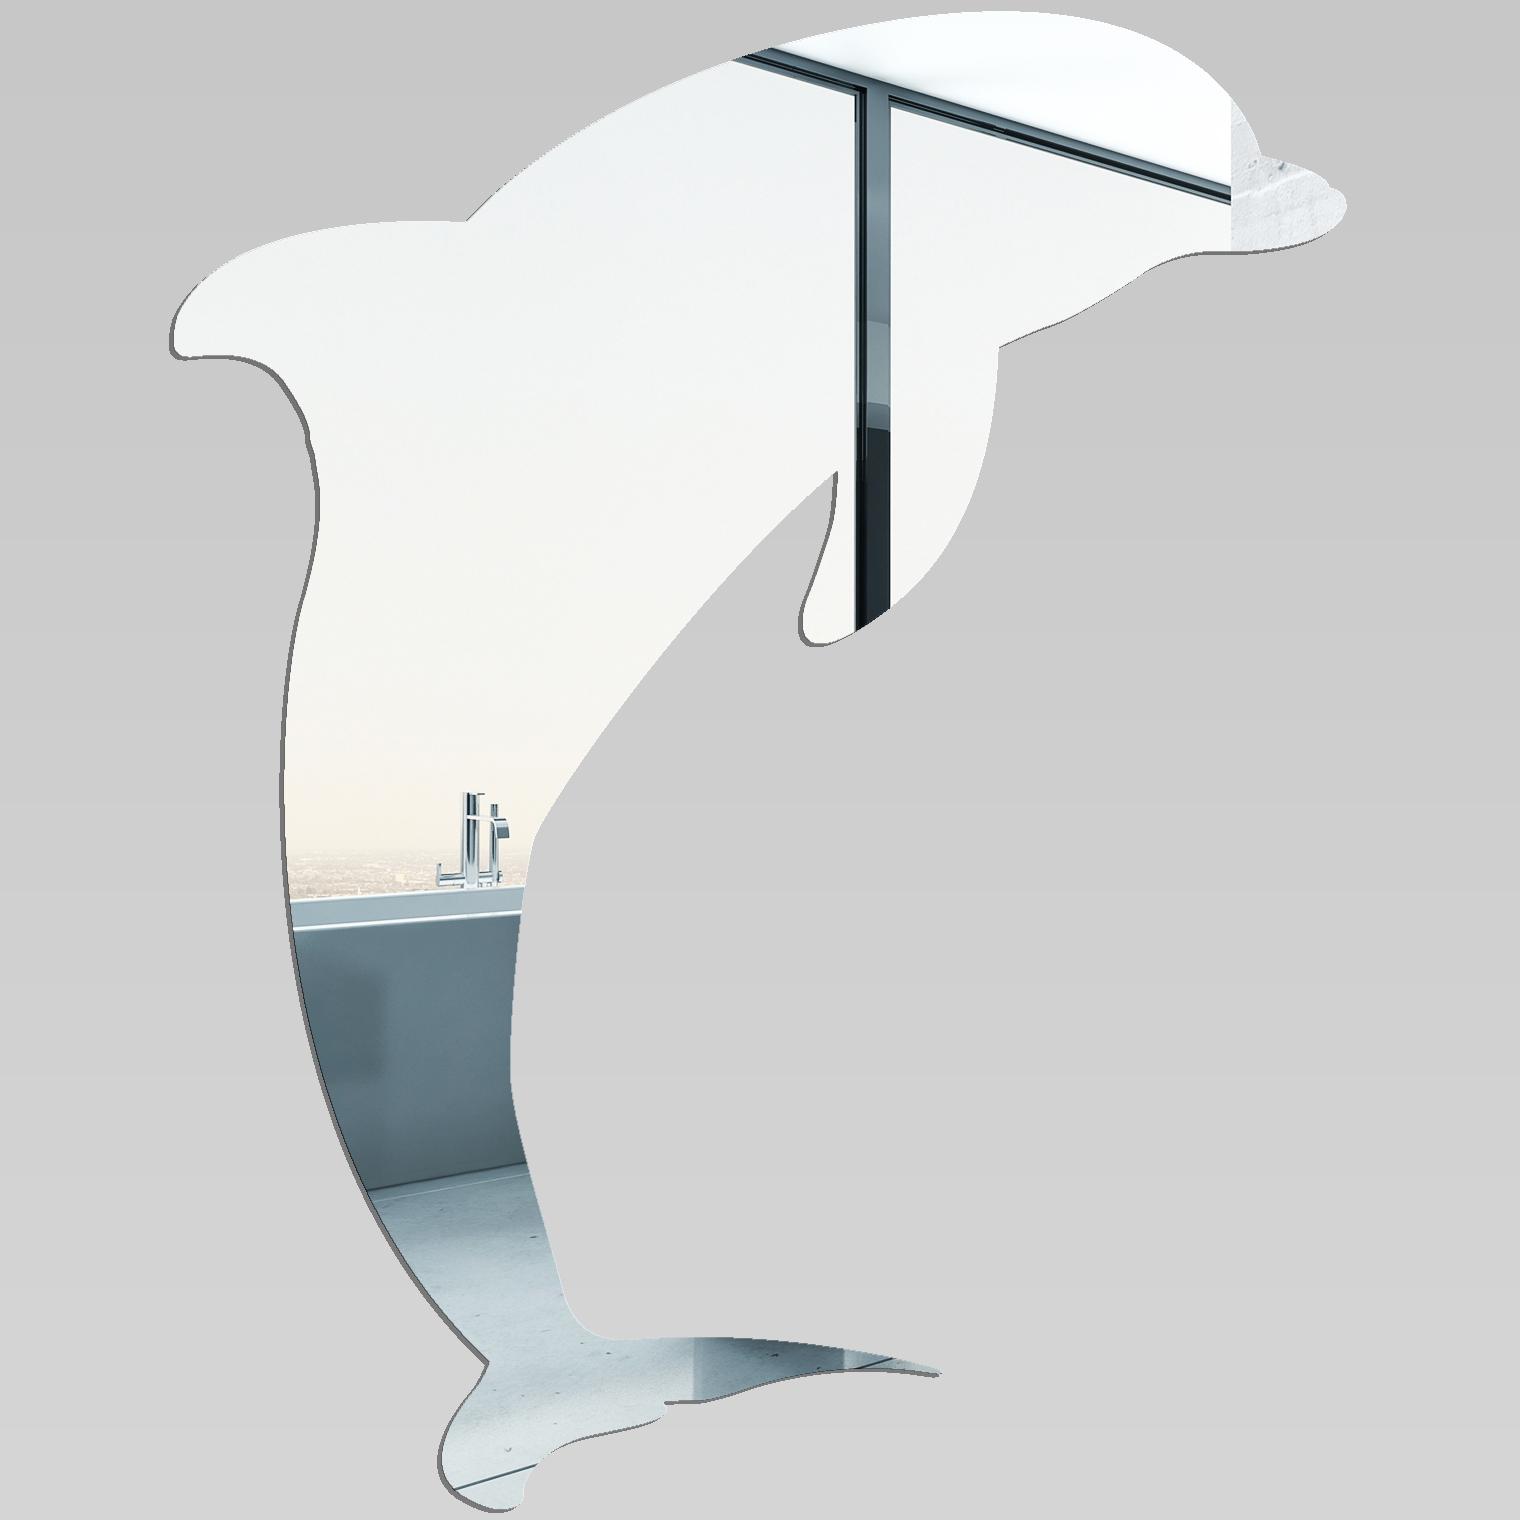 Miroir plexiglass acrylique dauphin pas cher for Miroir acrylique